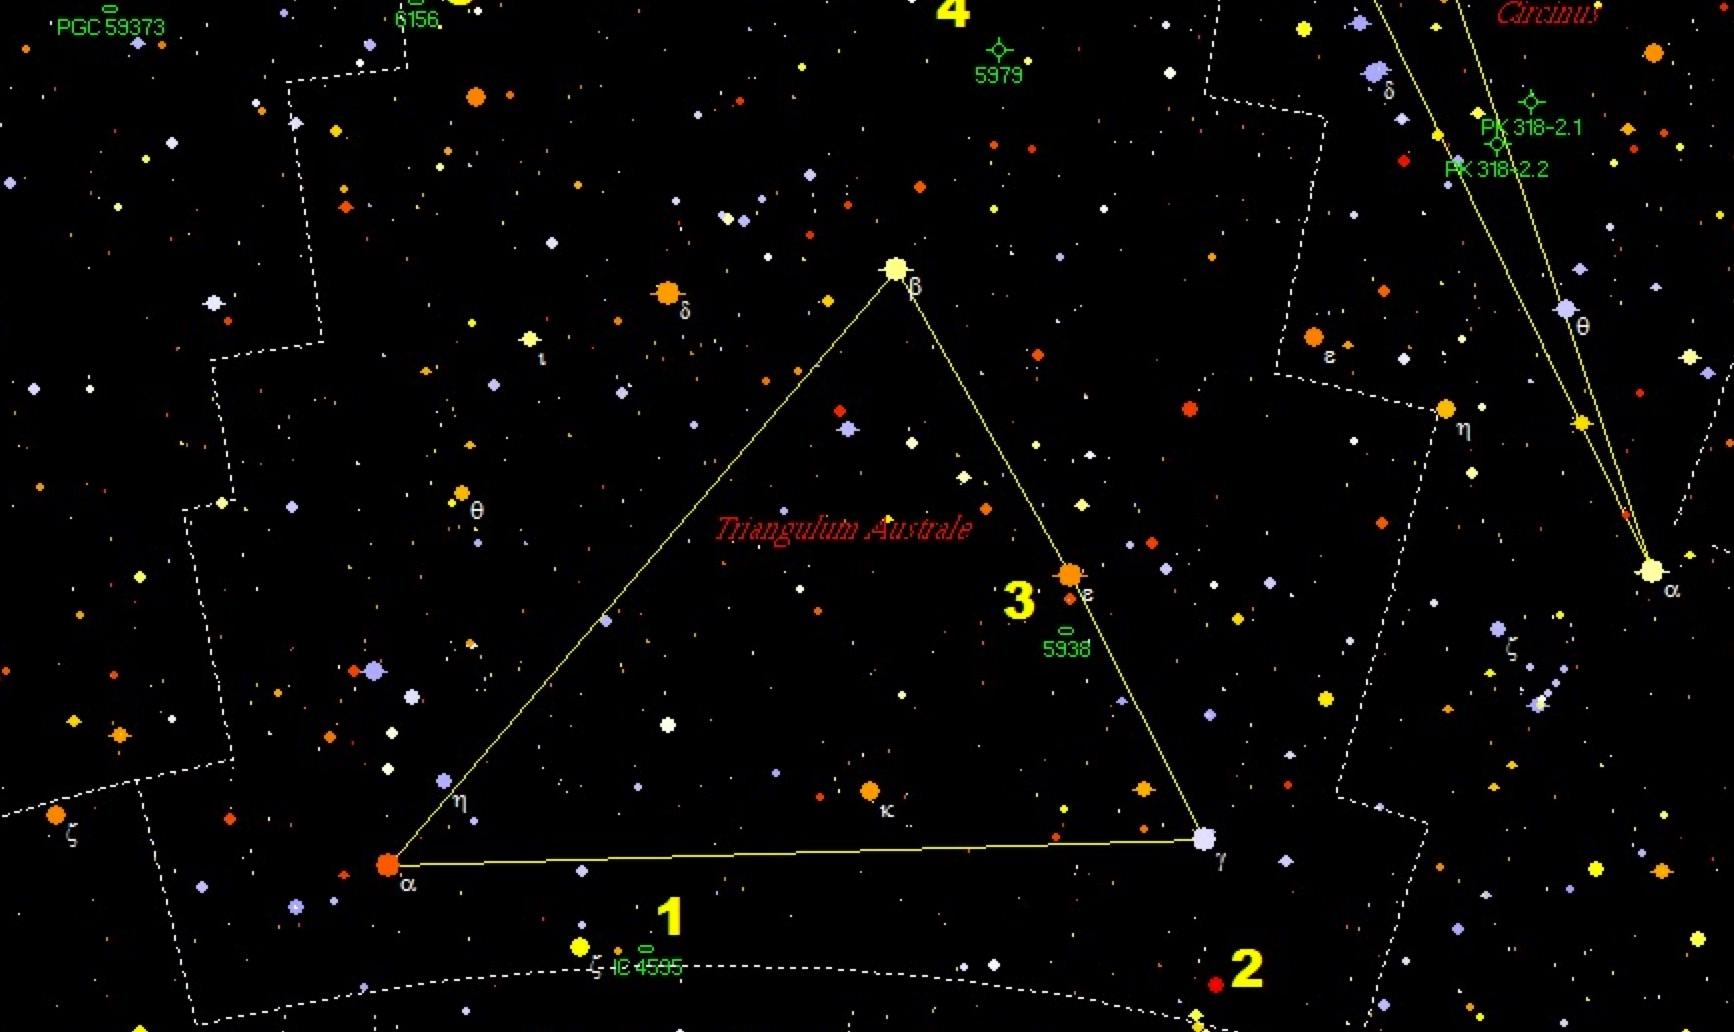 triangulo austral